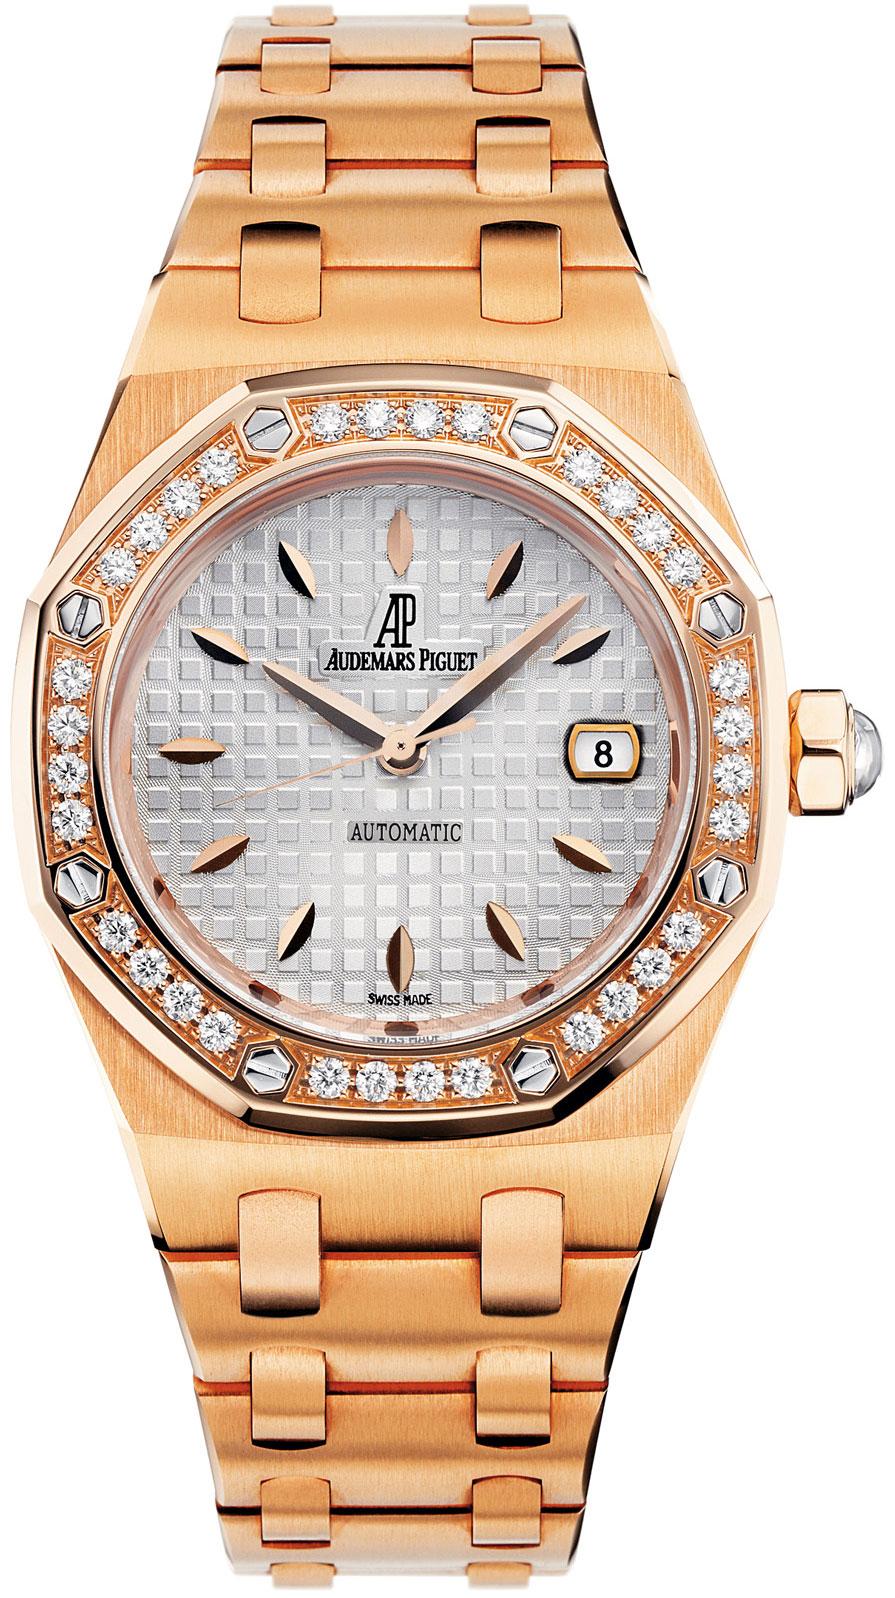 e6c9cf309d06 Audemars Piguet Royal Oak Lady Automatic Ladies Watch Model  77321OR.ZZ.1230OR.01